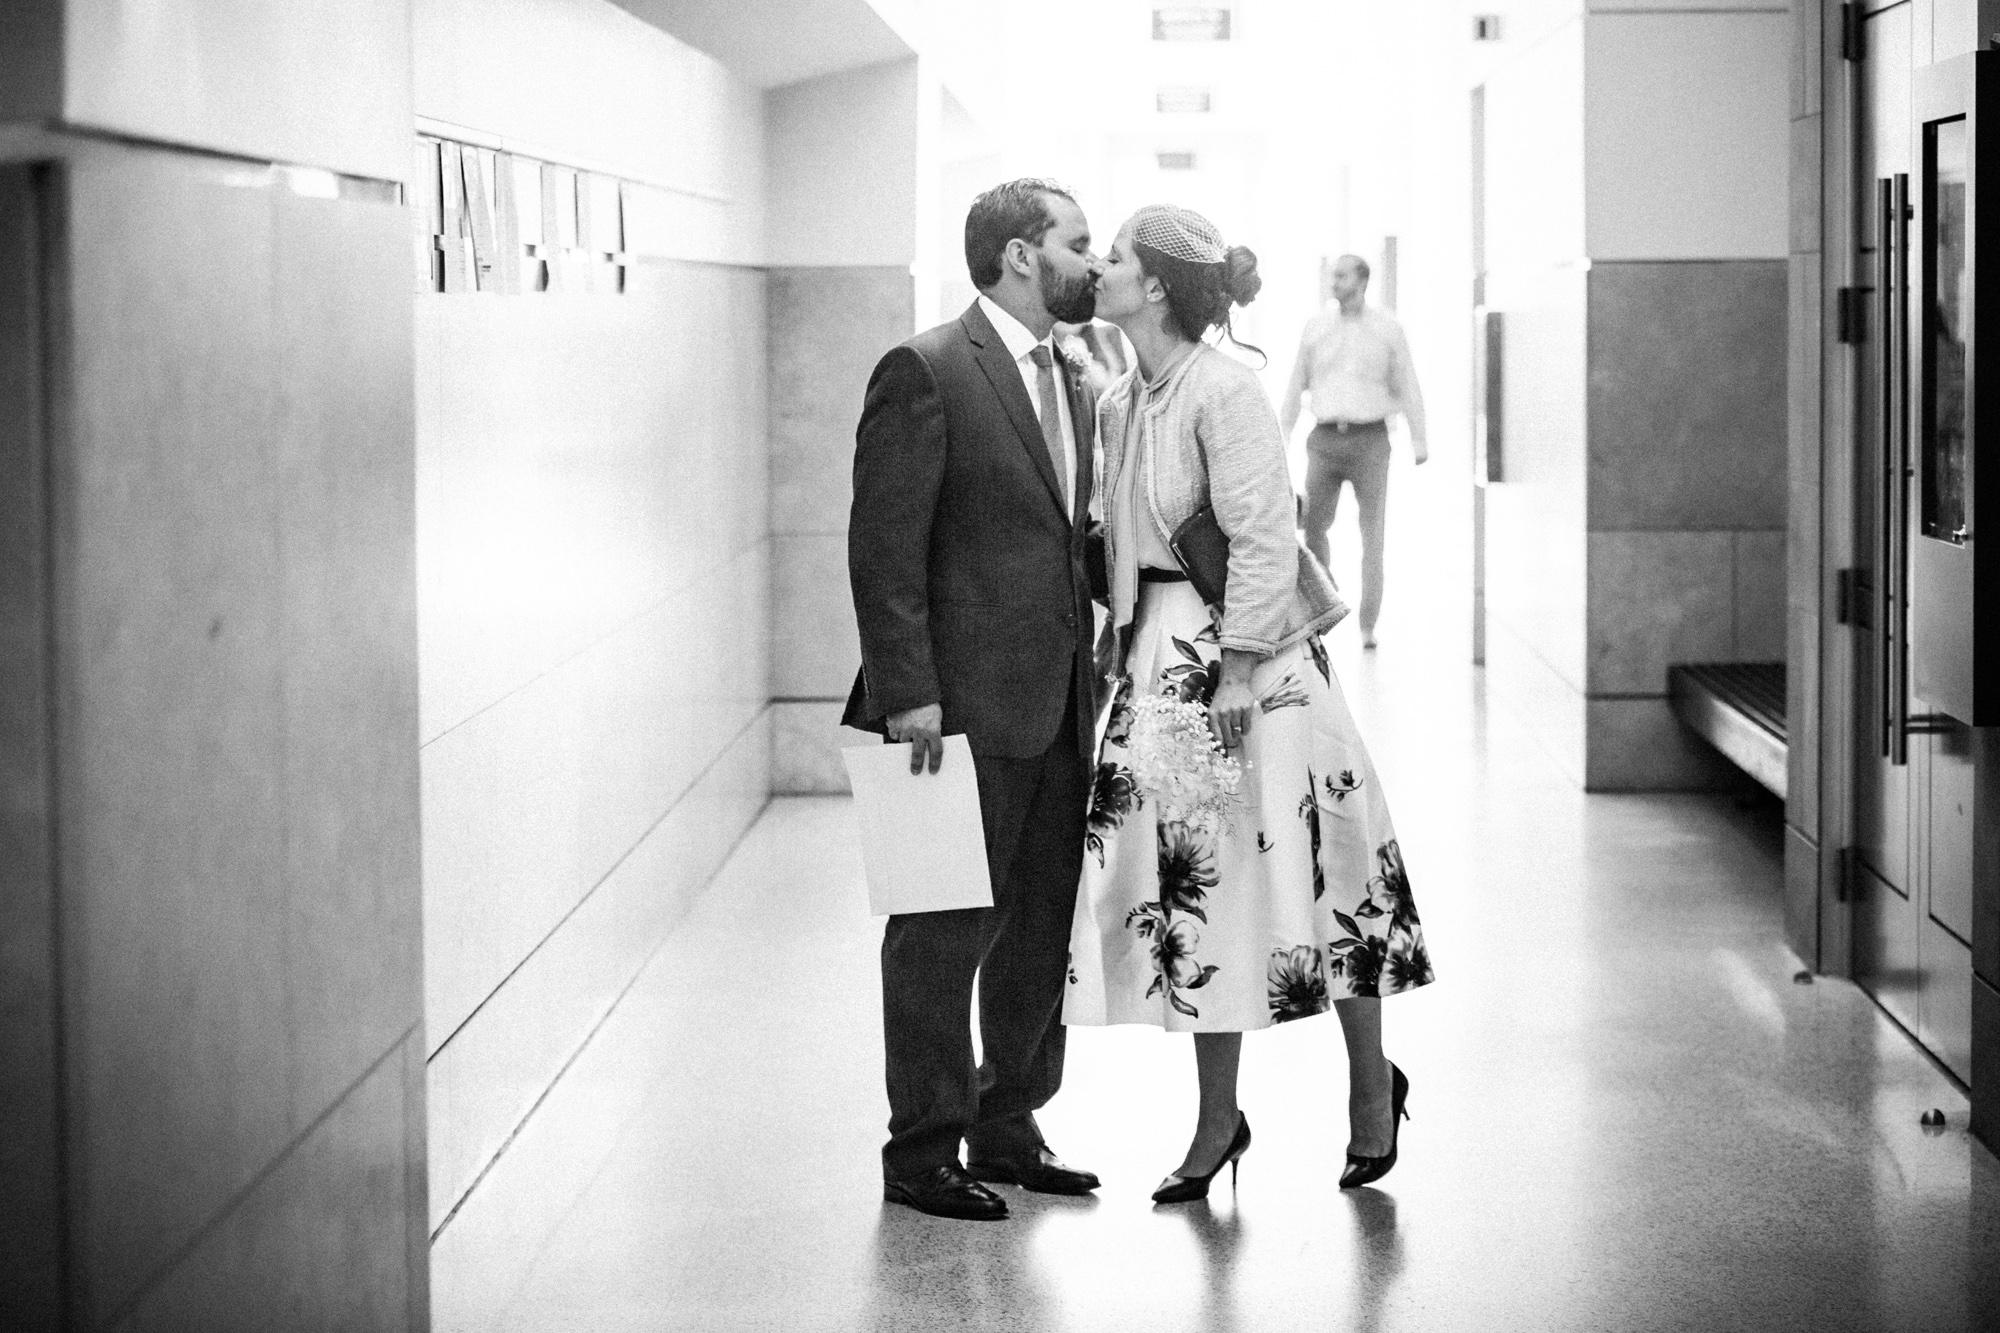 2018_10_17_mowita_drew_durham_courthouse_wedding-6931.jpg